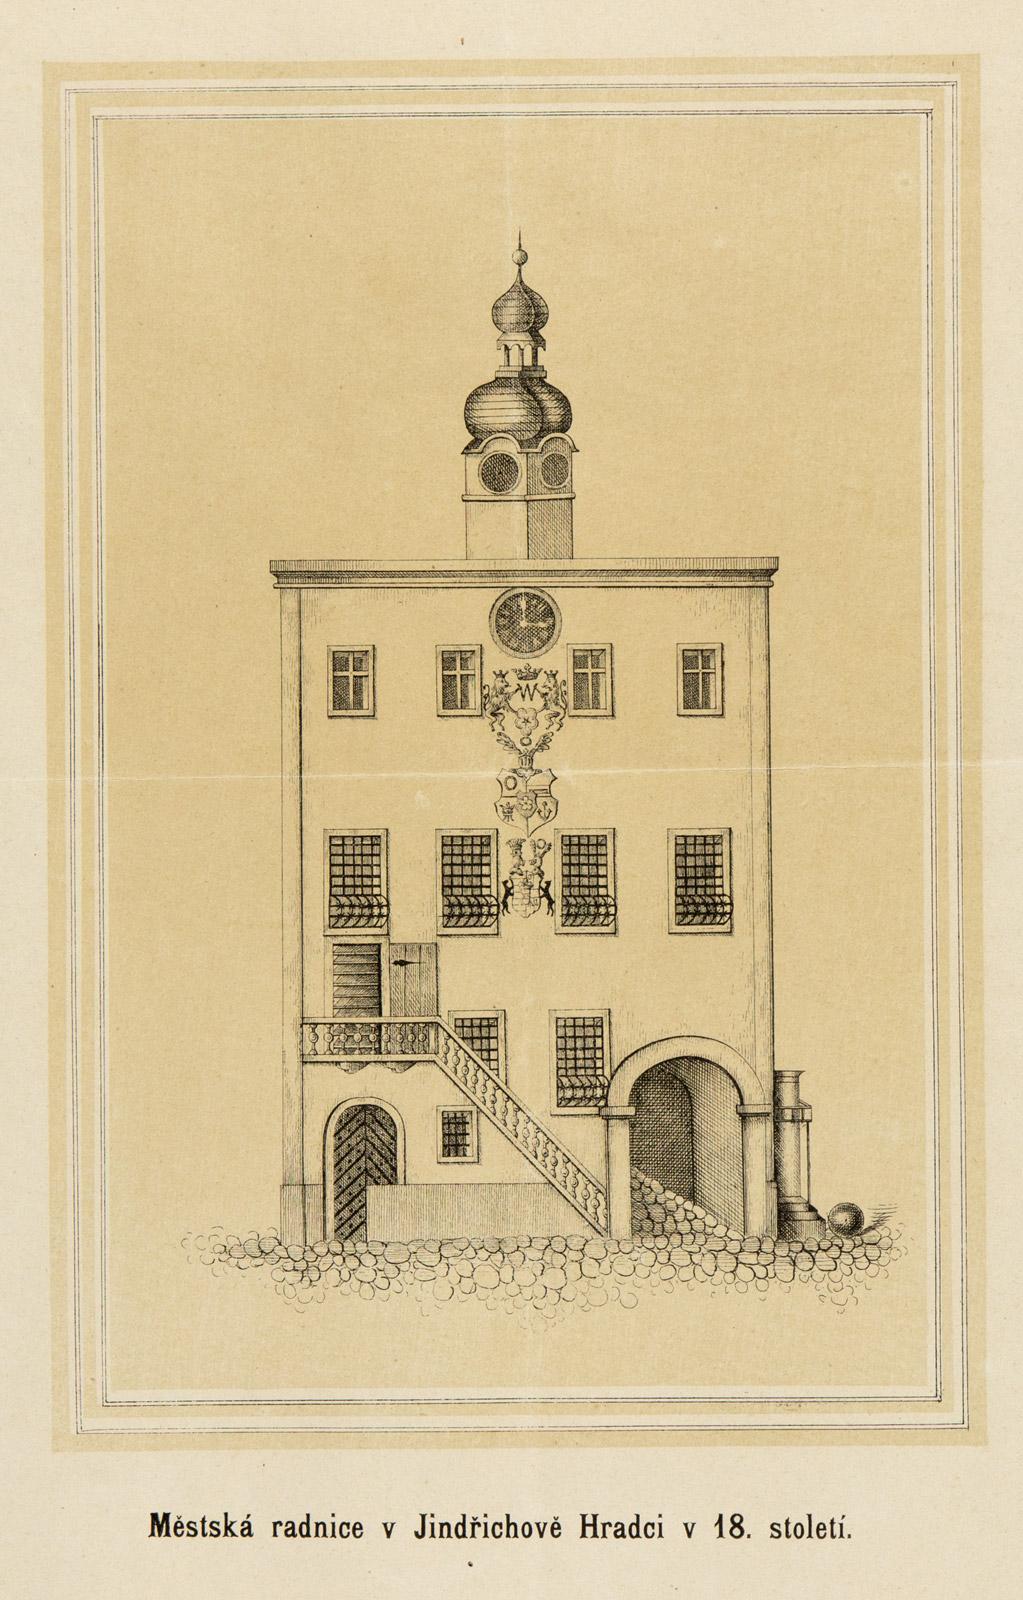 Renesanční podoba radnice po přestavbě z počátku 17. století je zachycena na rytině z 18. století.